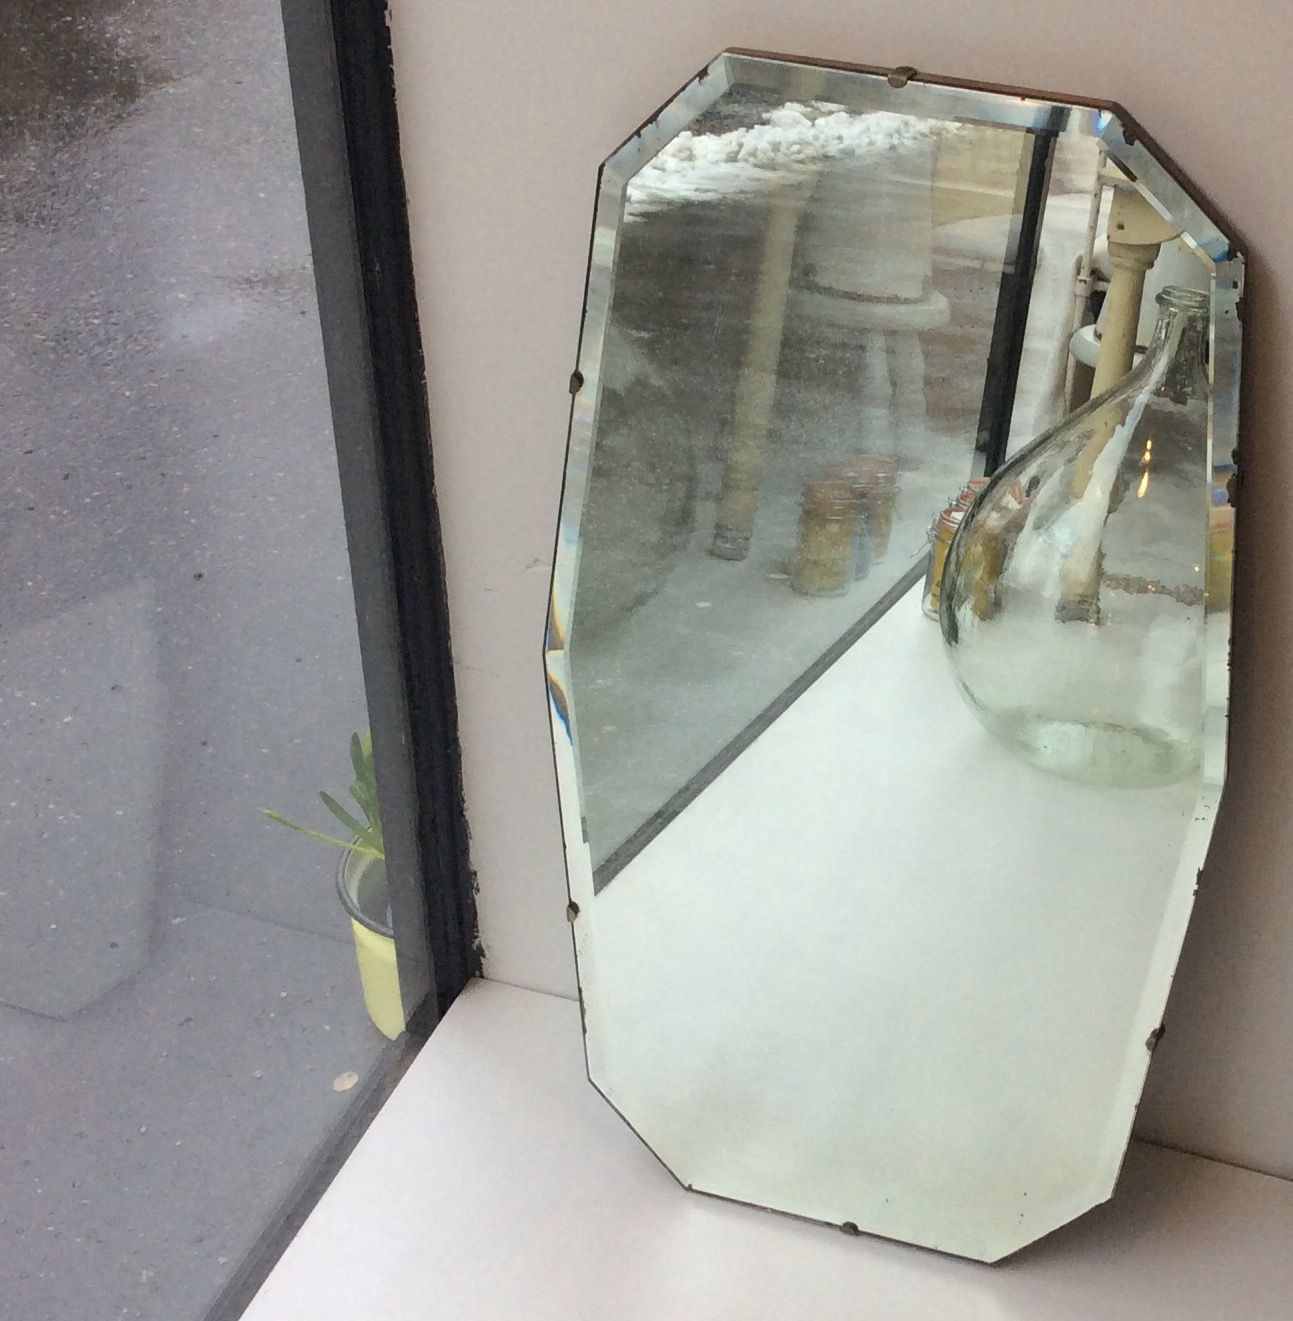 puutaustainen fasettihiottu peili 30-40 luvulta Ranskasta . korkeus 69cm . leveys 38cm . @kooPernu